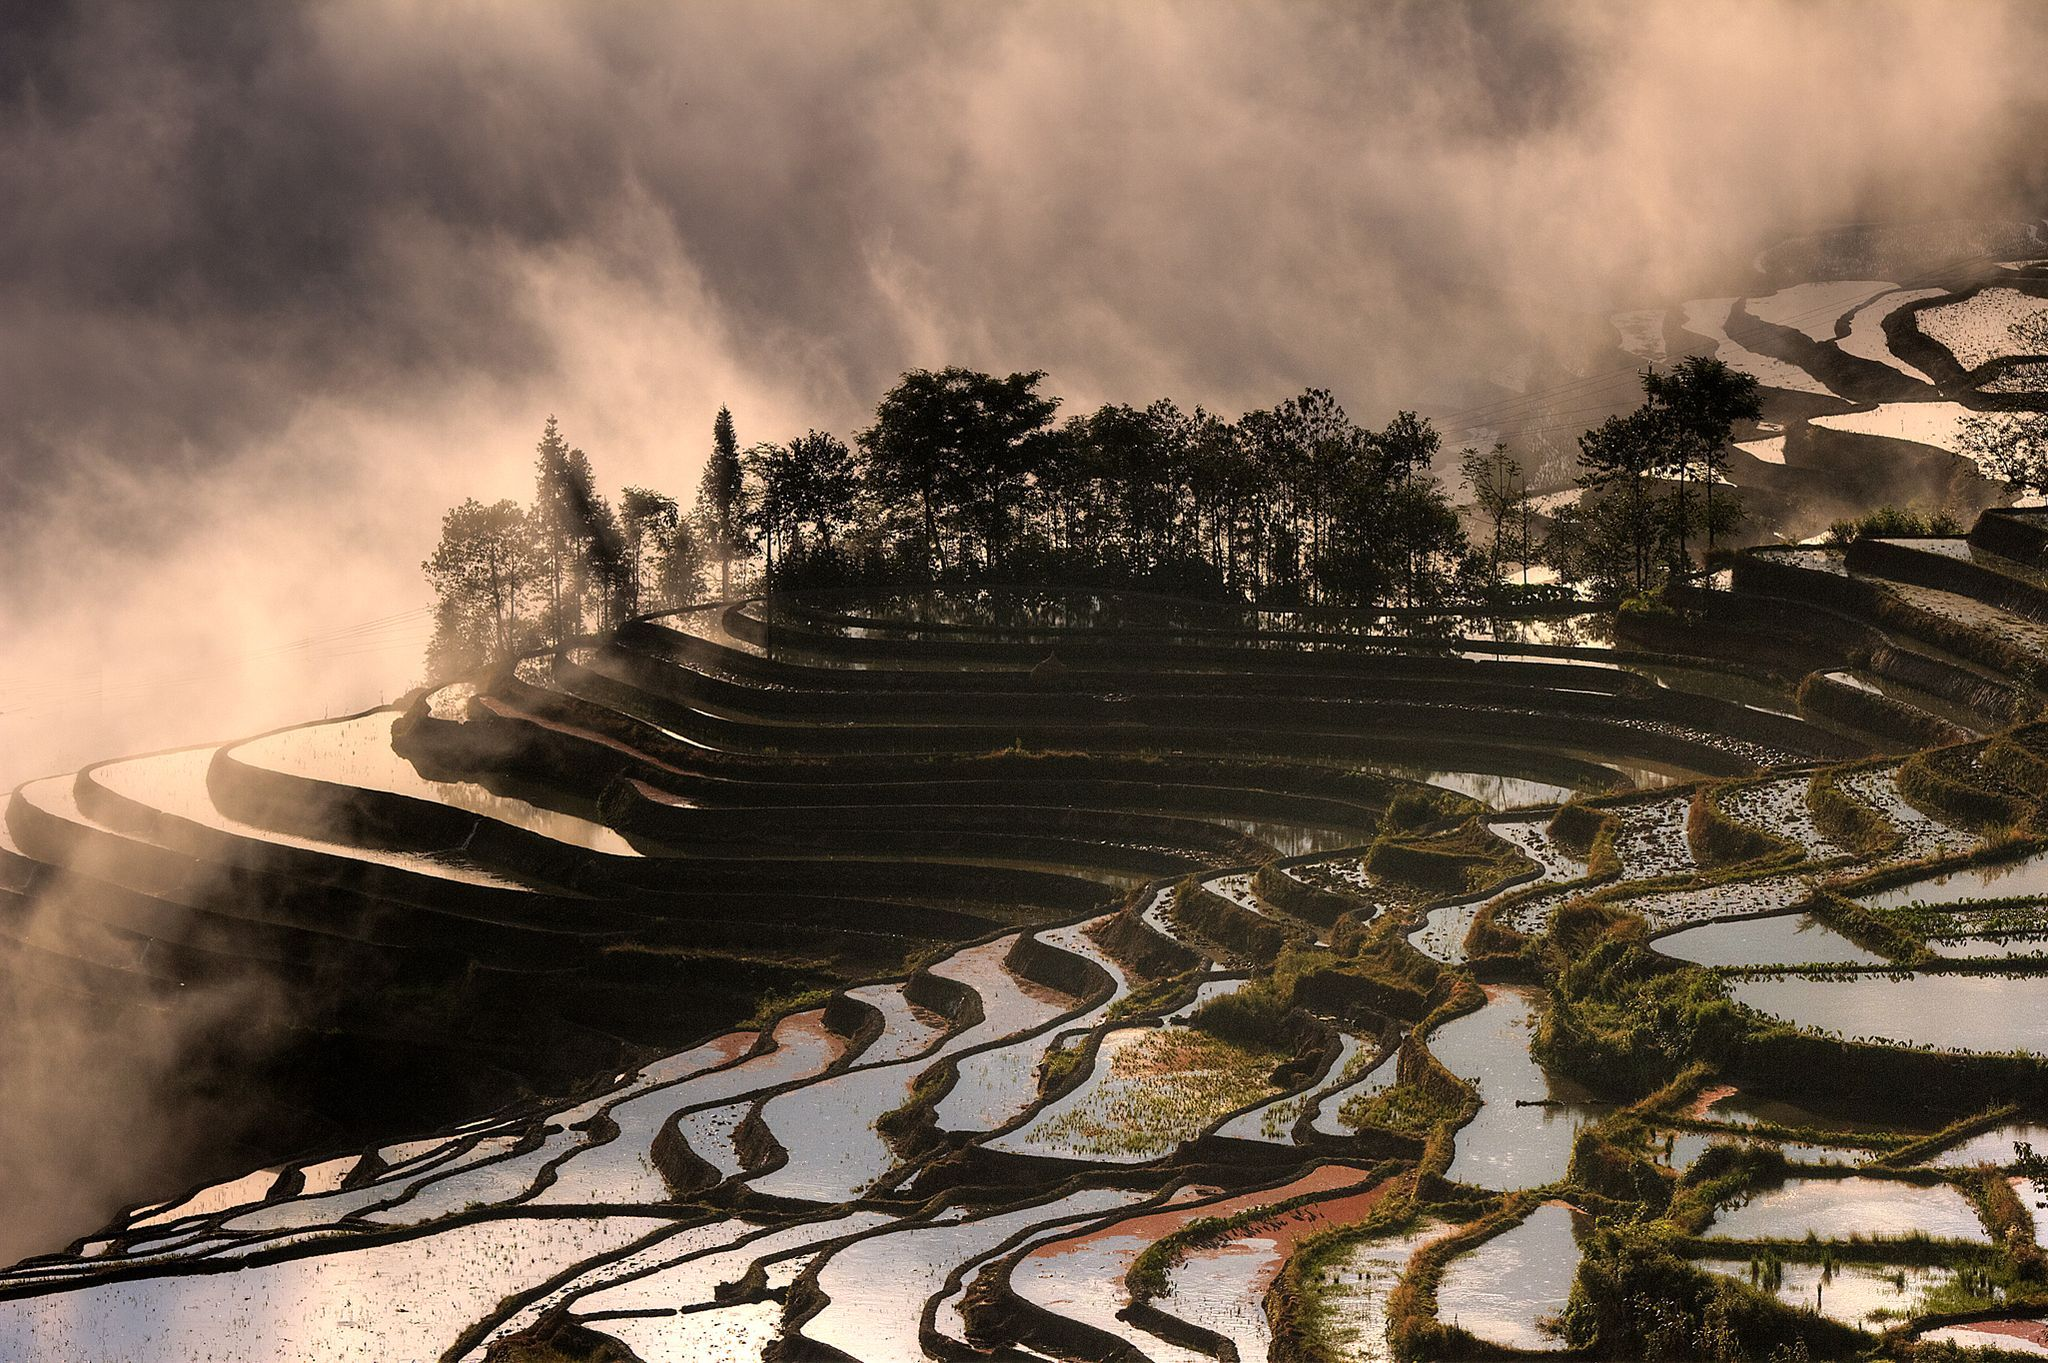 انعکاس نور طلوع خورشید در شالیزارهای برنج یویانگ کشور چین. عکاس:  CEZARY FILEW